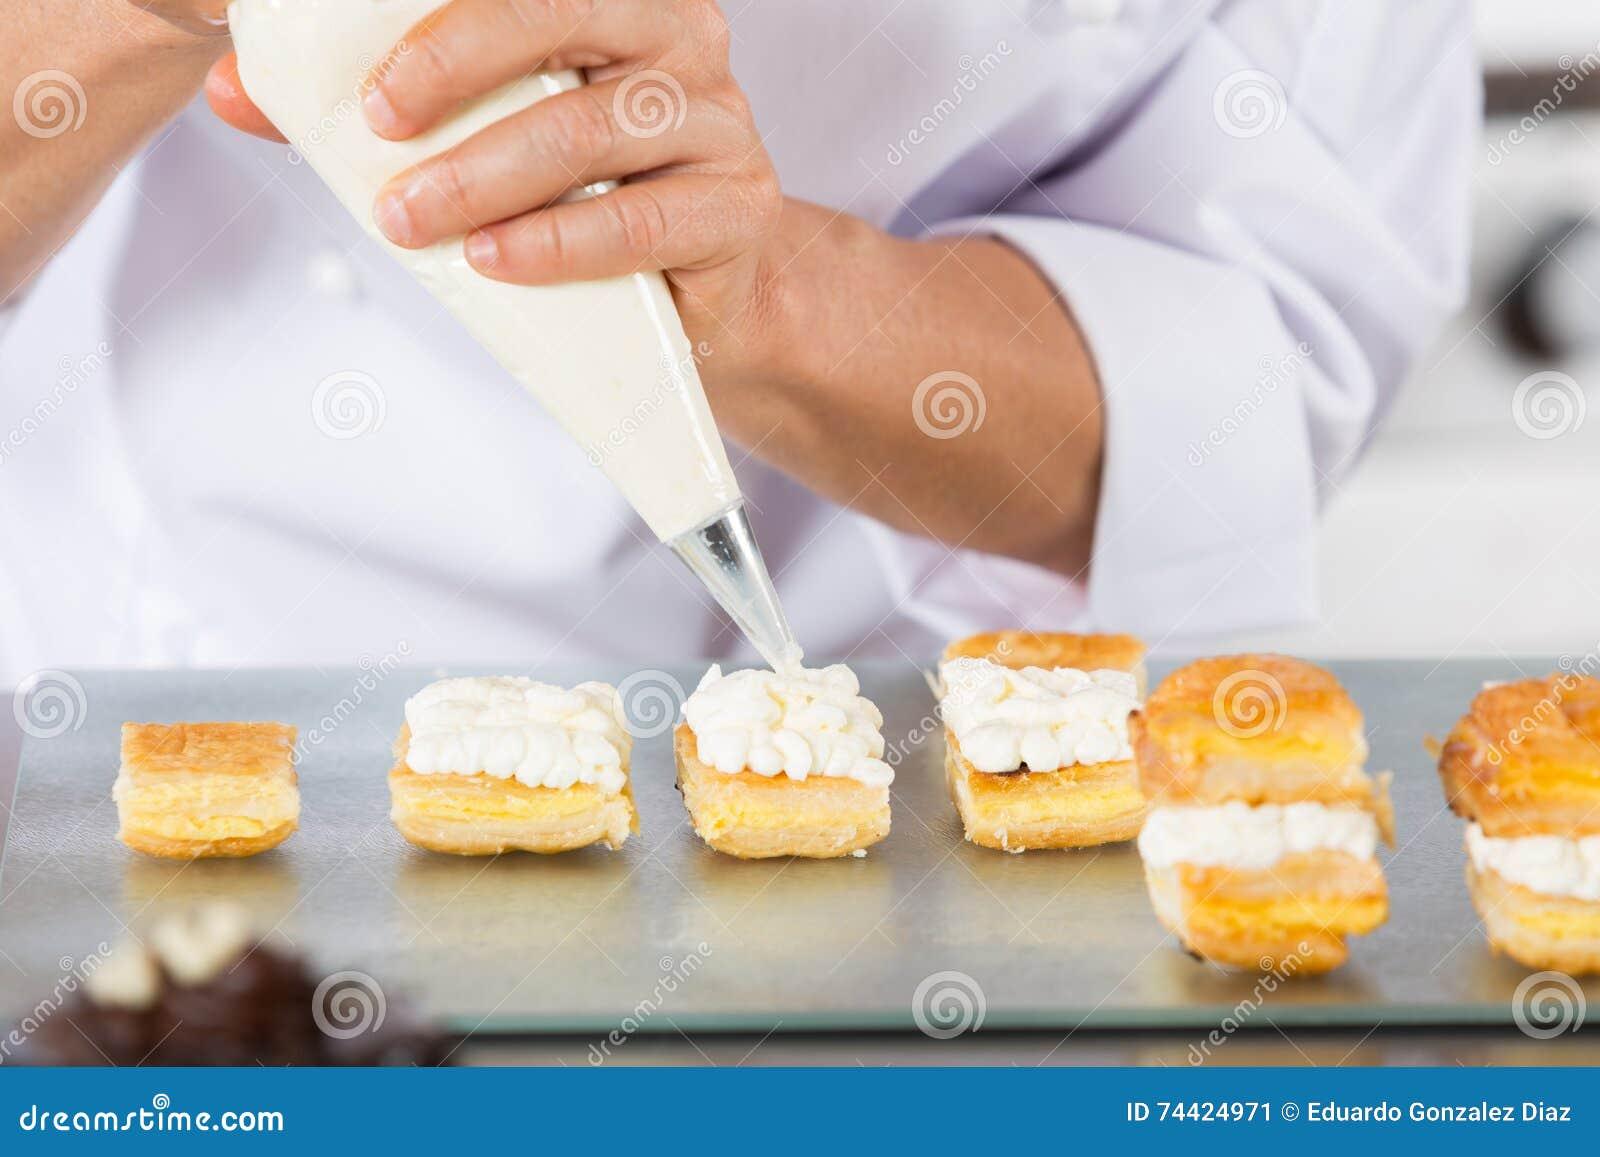 Cocinero con un bolso de los pasteles